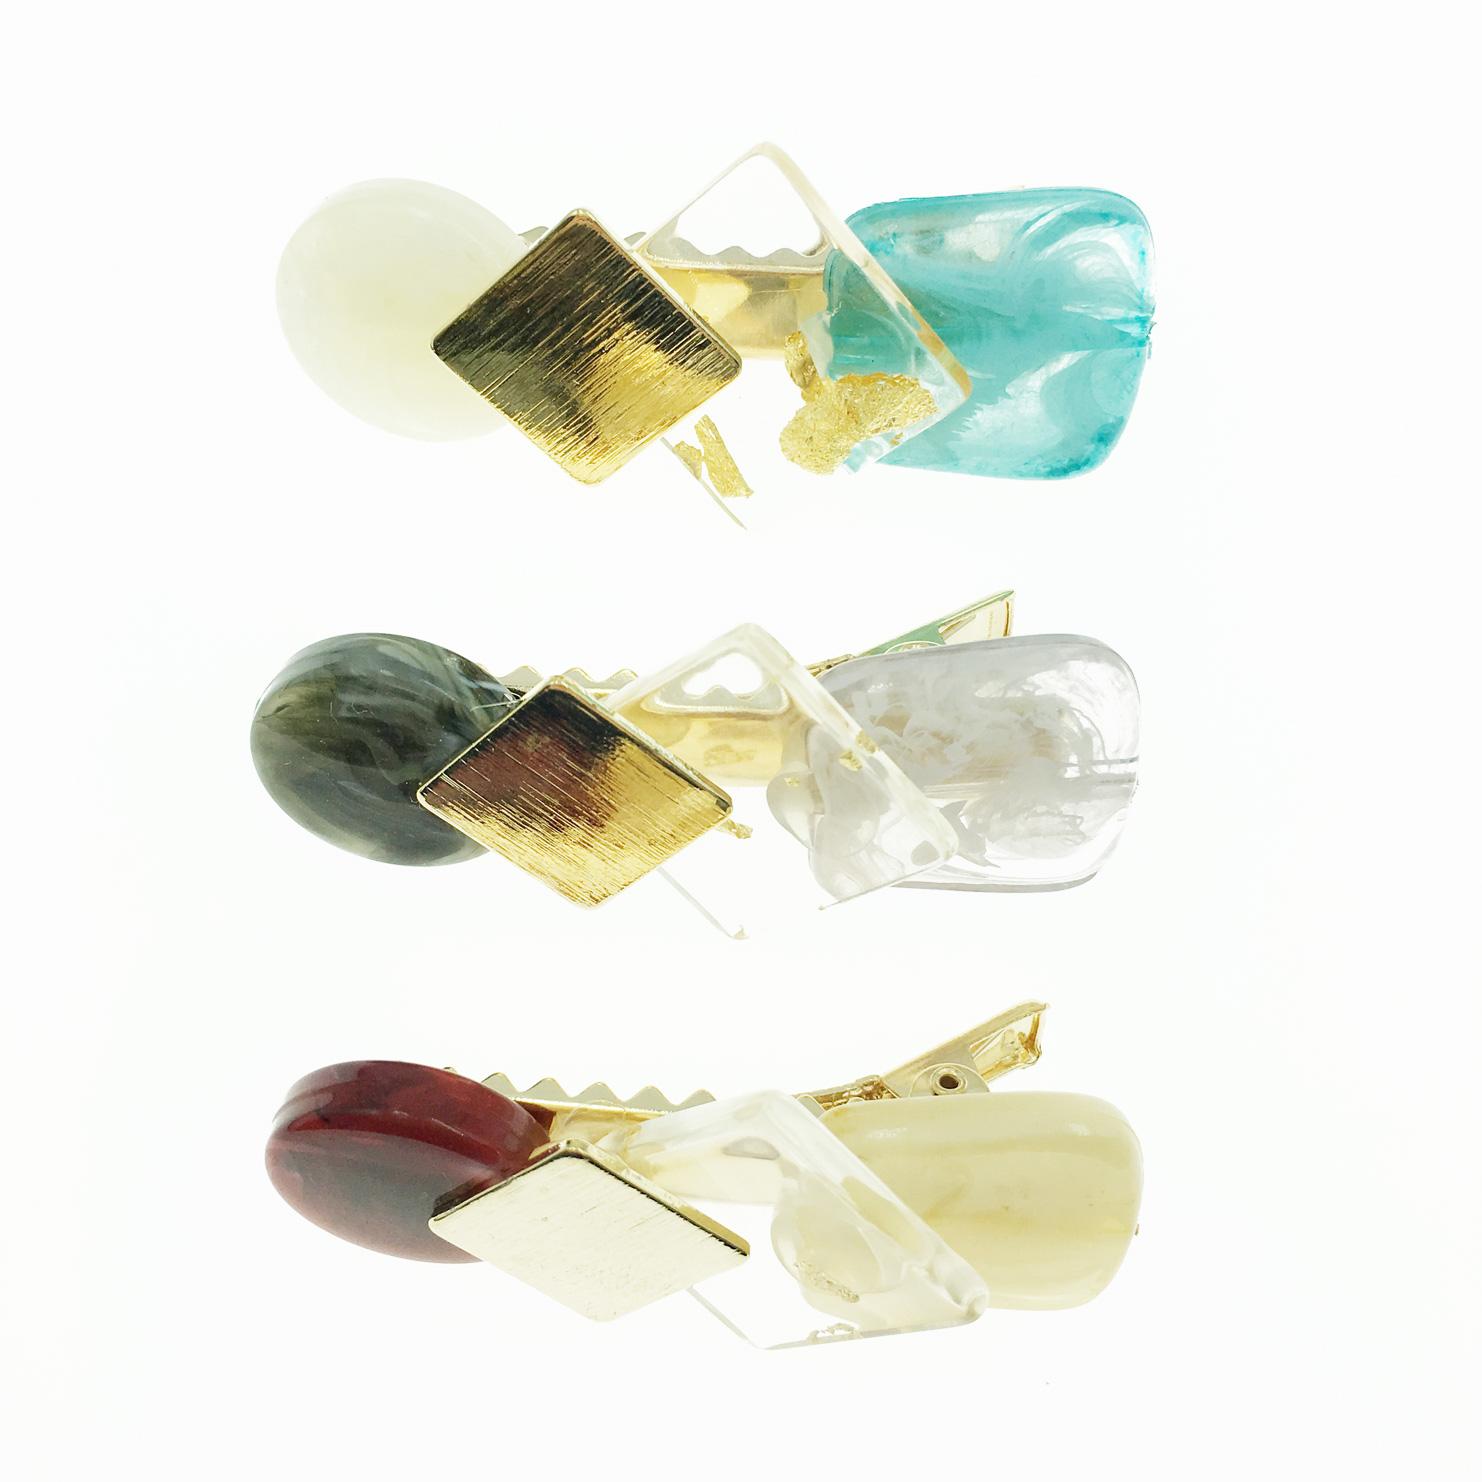 韓國 大理石紋 透明夾金箔 髮飾 壓夾 髮夾